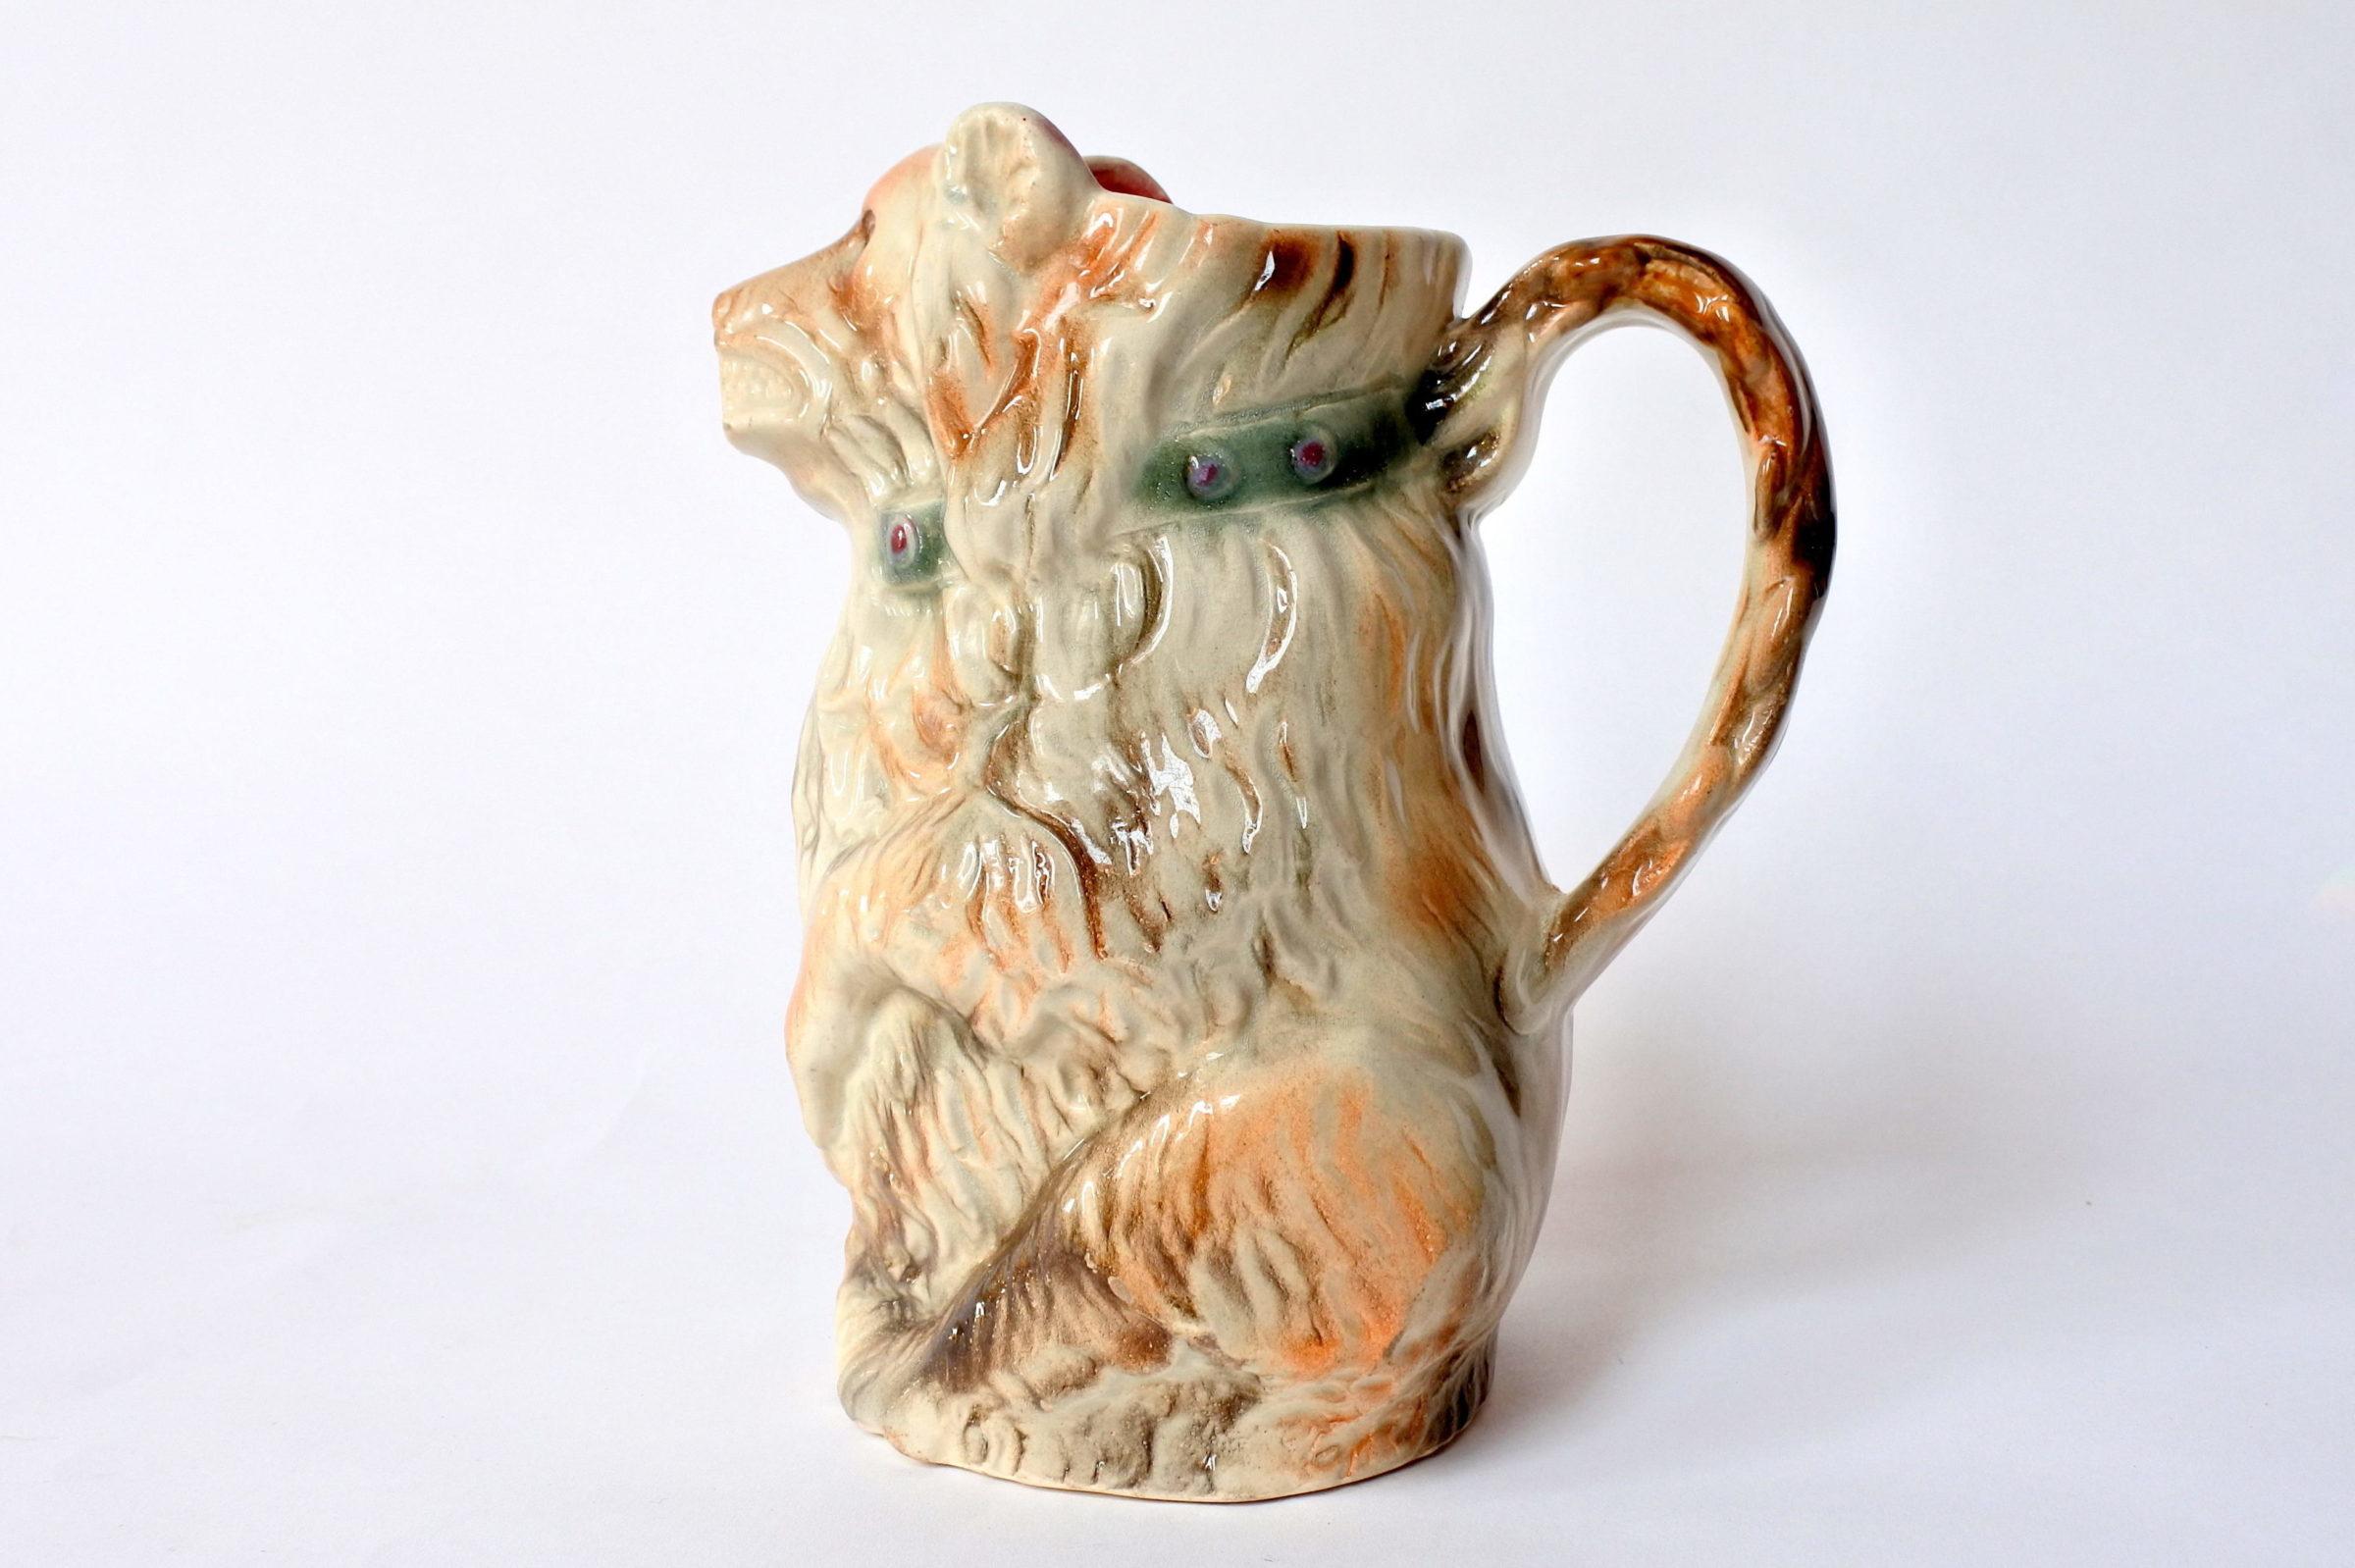 Brocca in ceramica barbotine a forma di orso con tamburo - 2